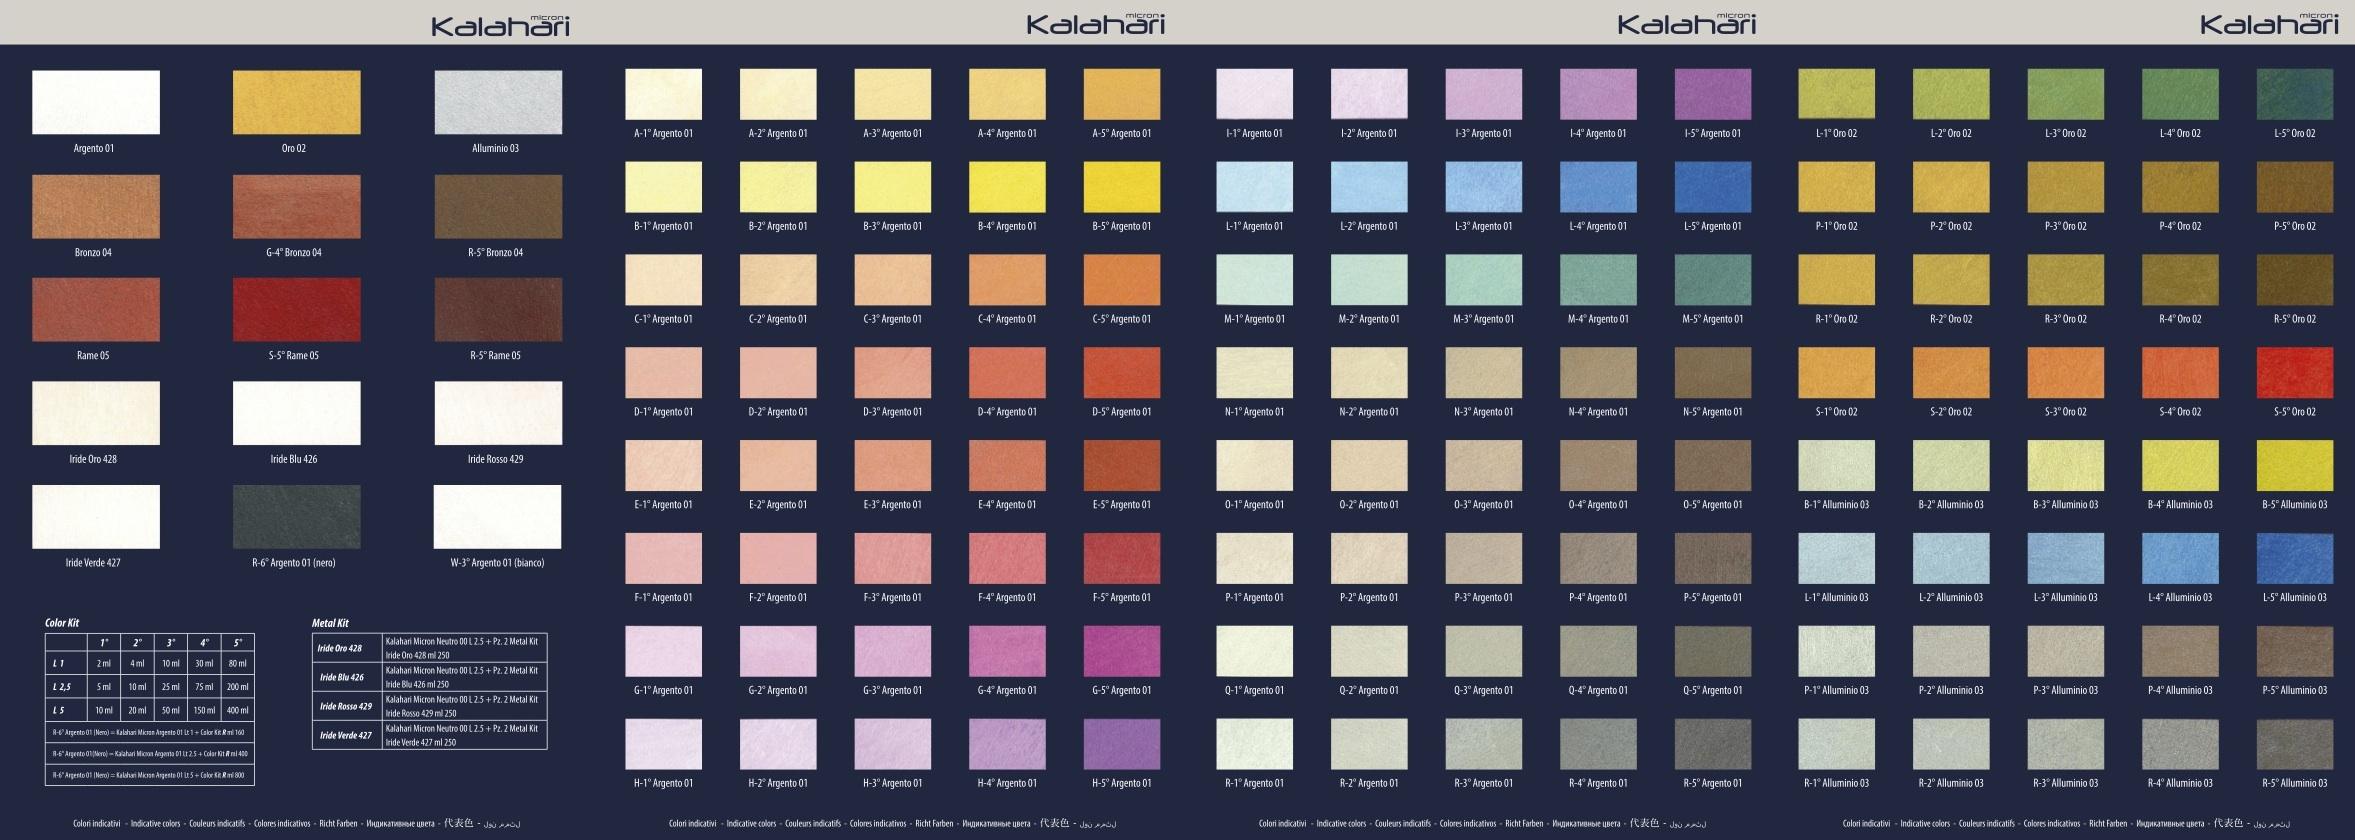 Tintometro colori pareti modificare una pelliccia for Gamma colori pareti